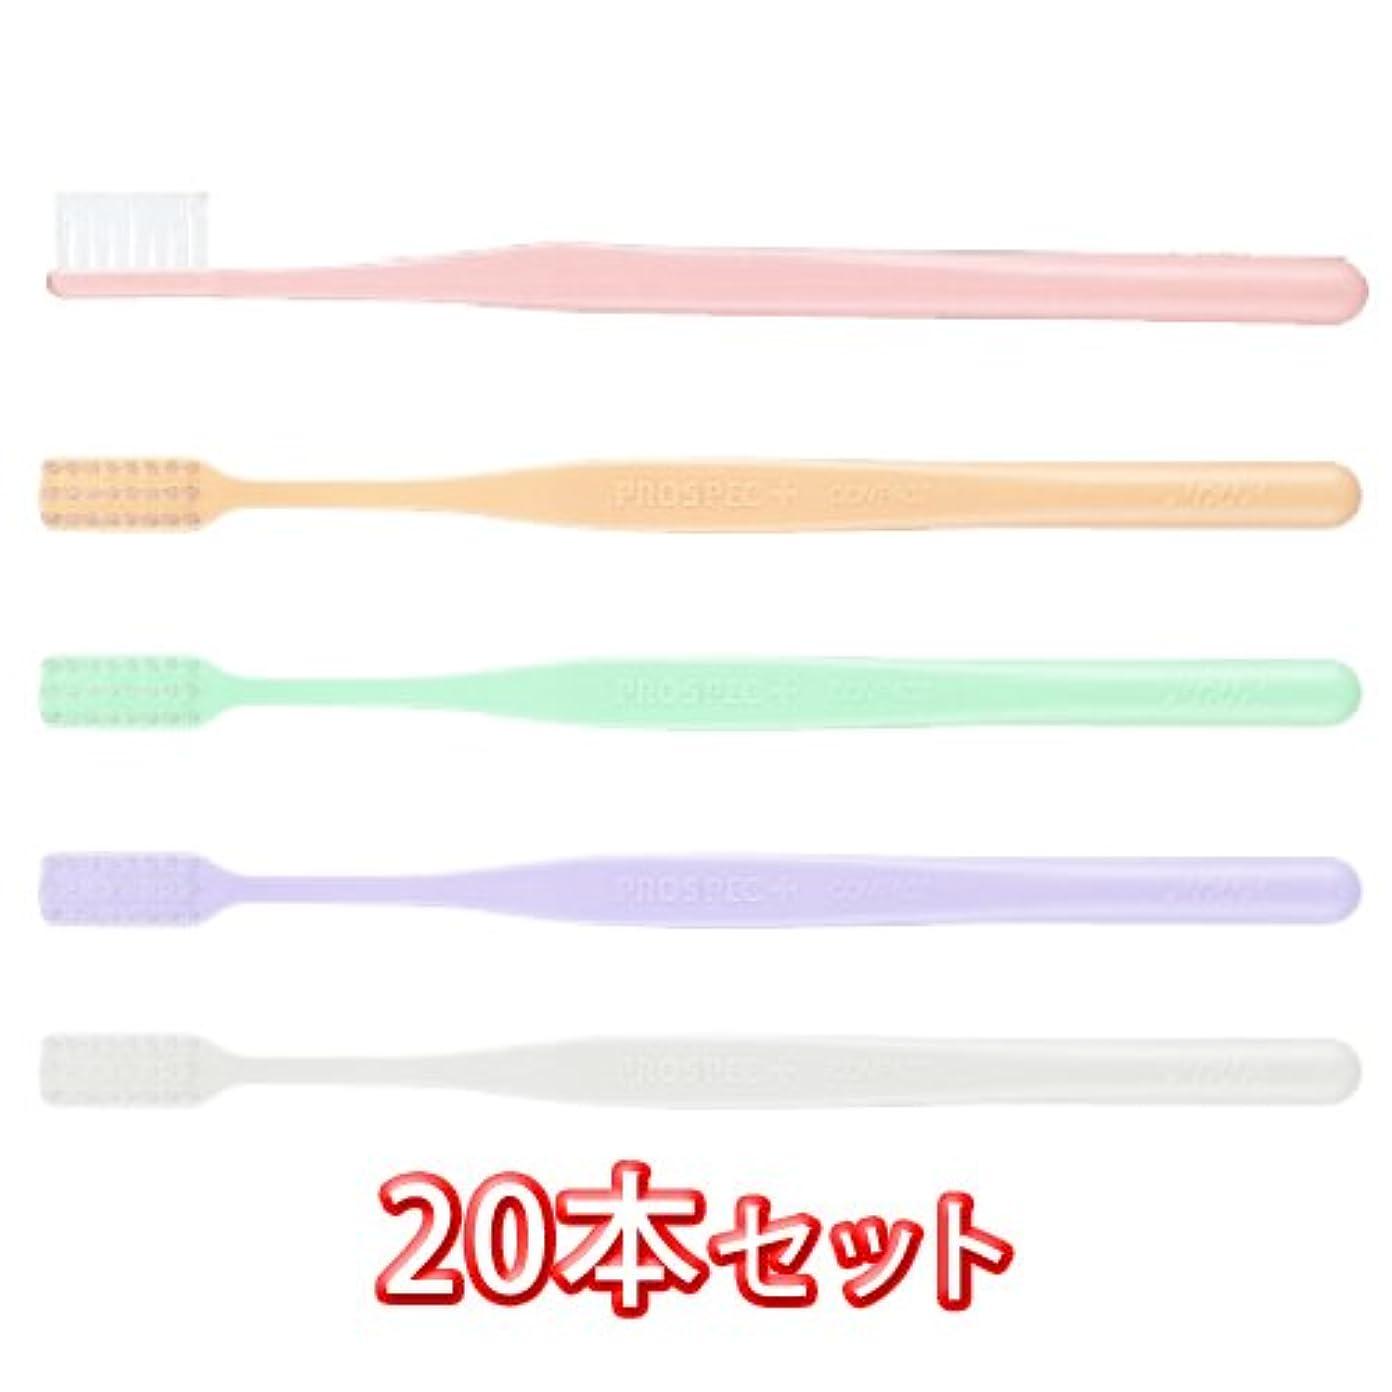 回想教養がある王朝プロスペック 歯ブラシ プラス コンパクト 20本入 (M(ふつう))